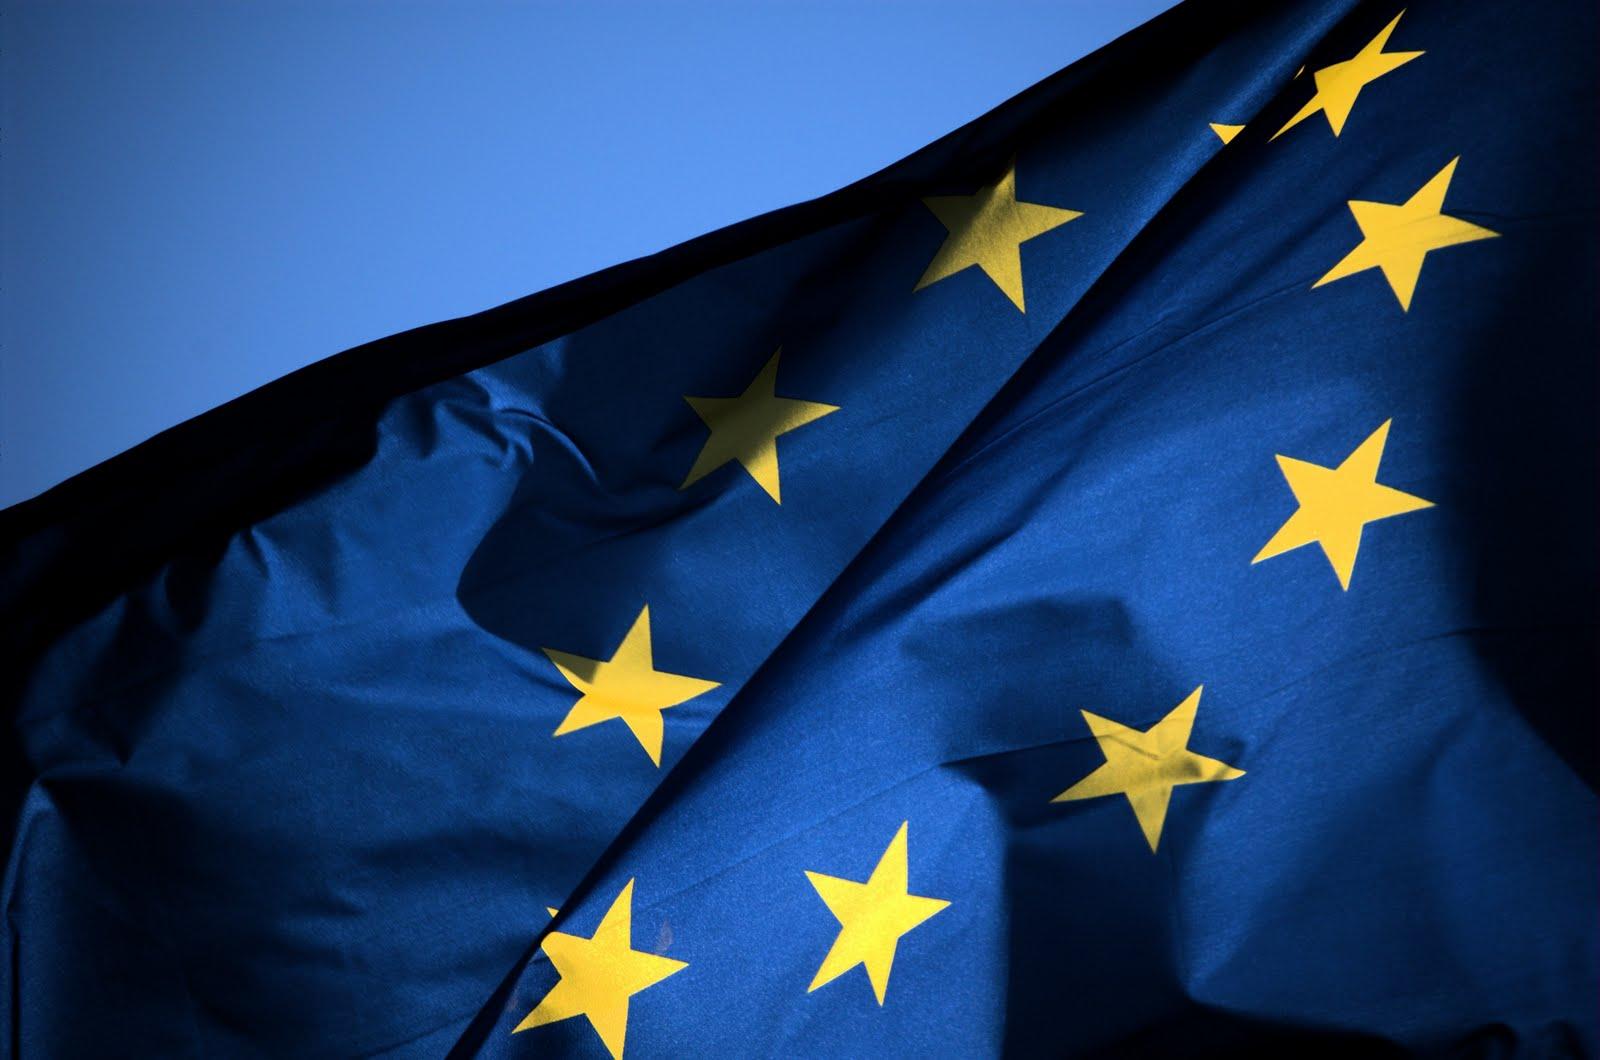 UE nu recunoaște anexarea ilegală a Crimeii